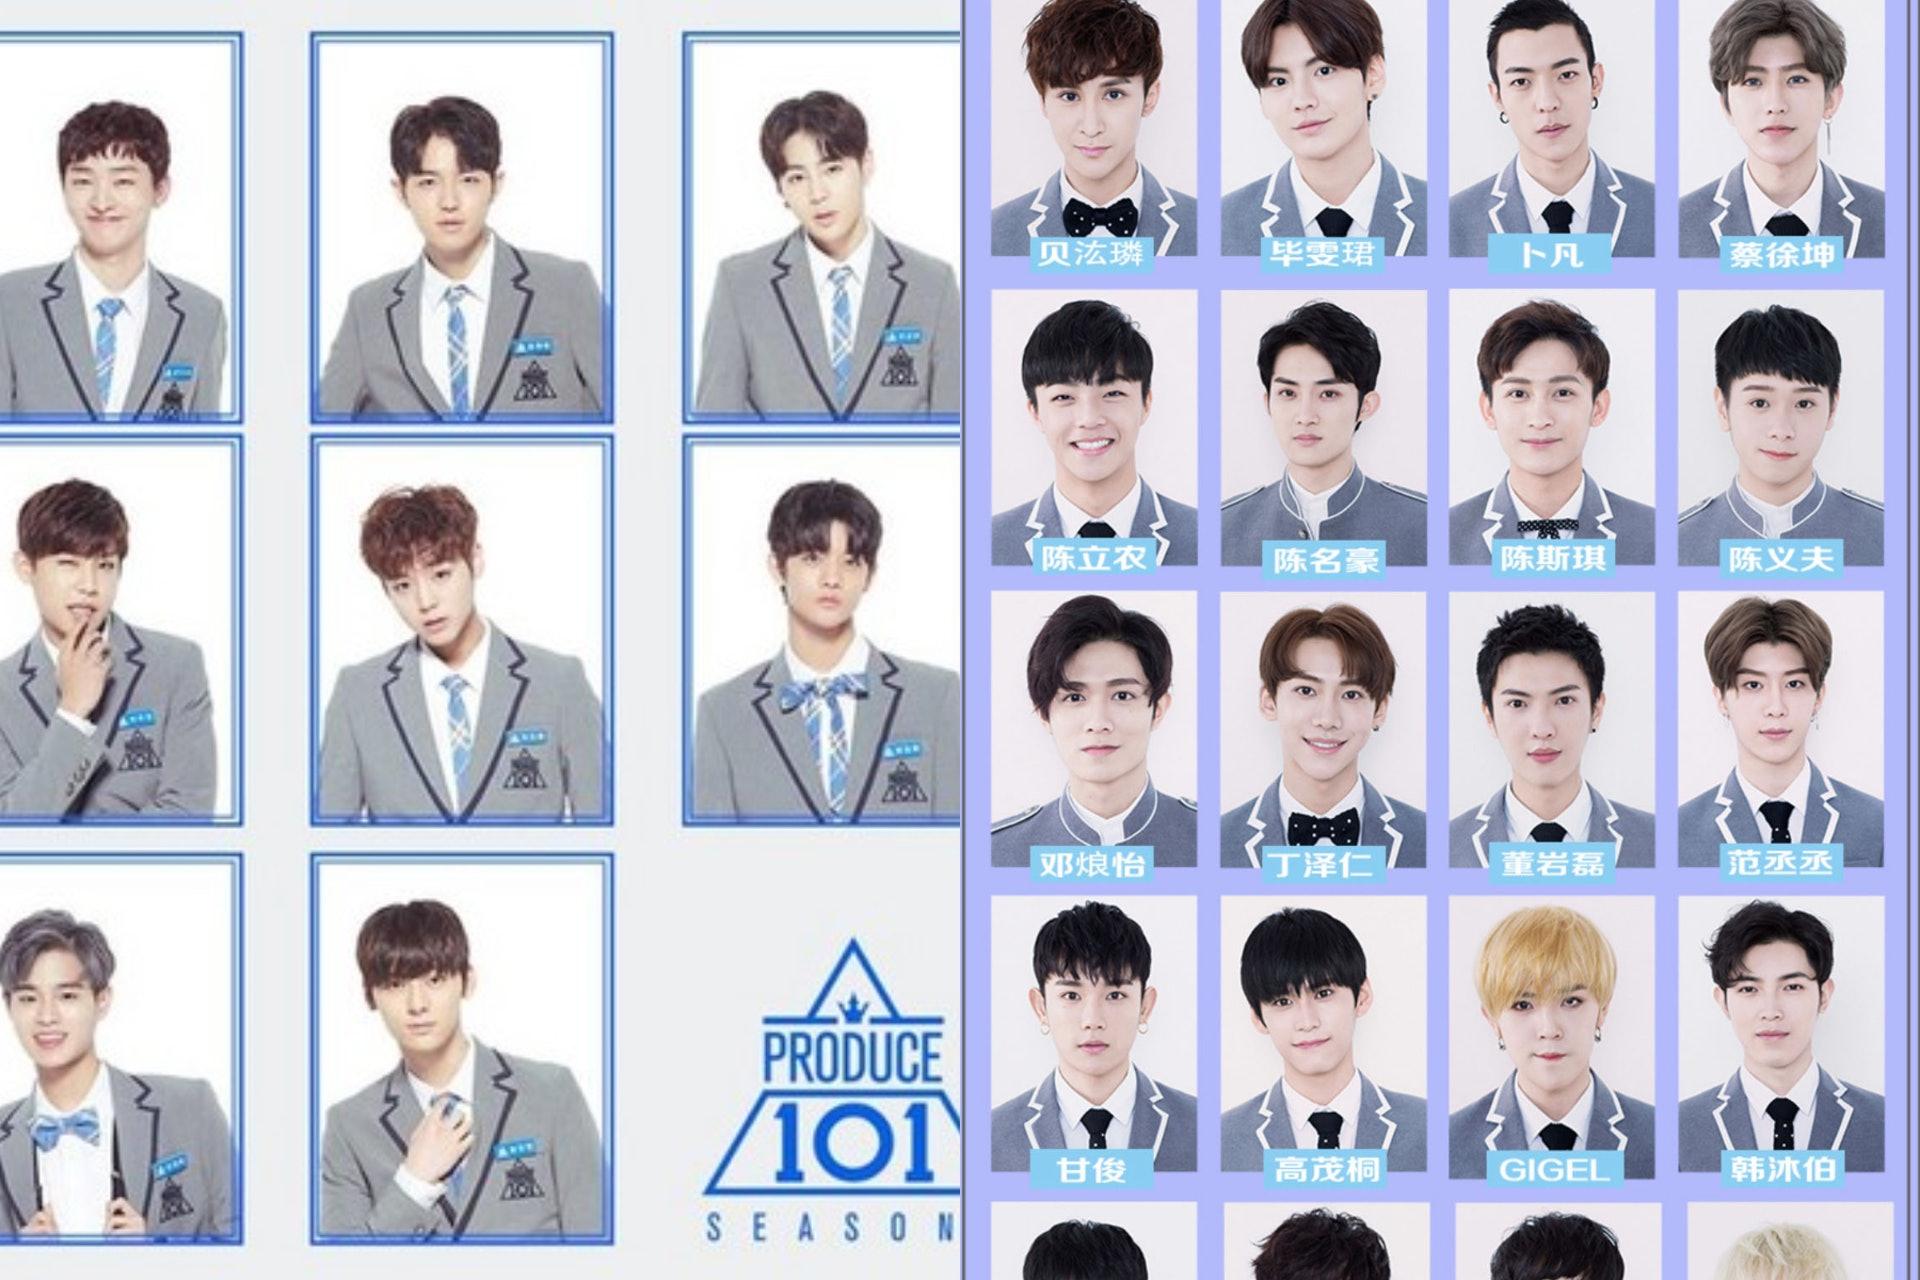 中國綜藝節目《偶像練習生》被指抄襲韓國的《Produce101》。左為《Produce 101》,右為《偶像練習生》,節目參與者同樣身著校服。(網絡圖片)